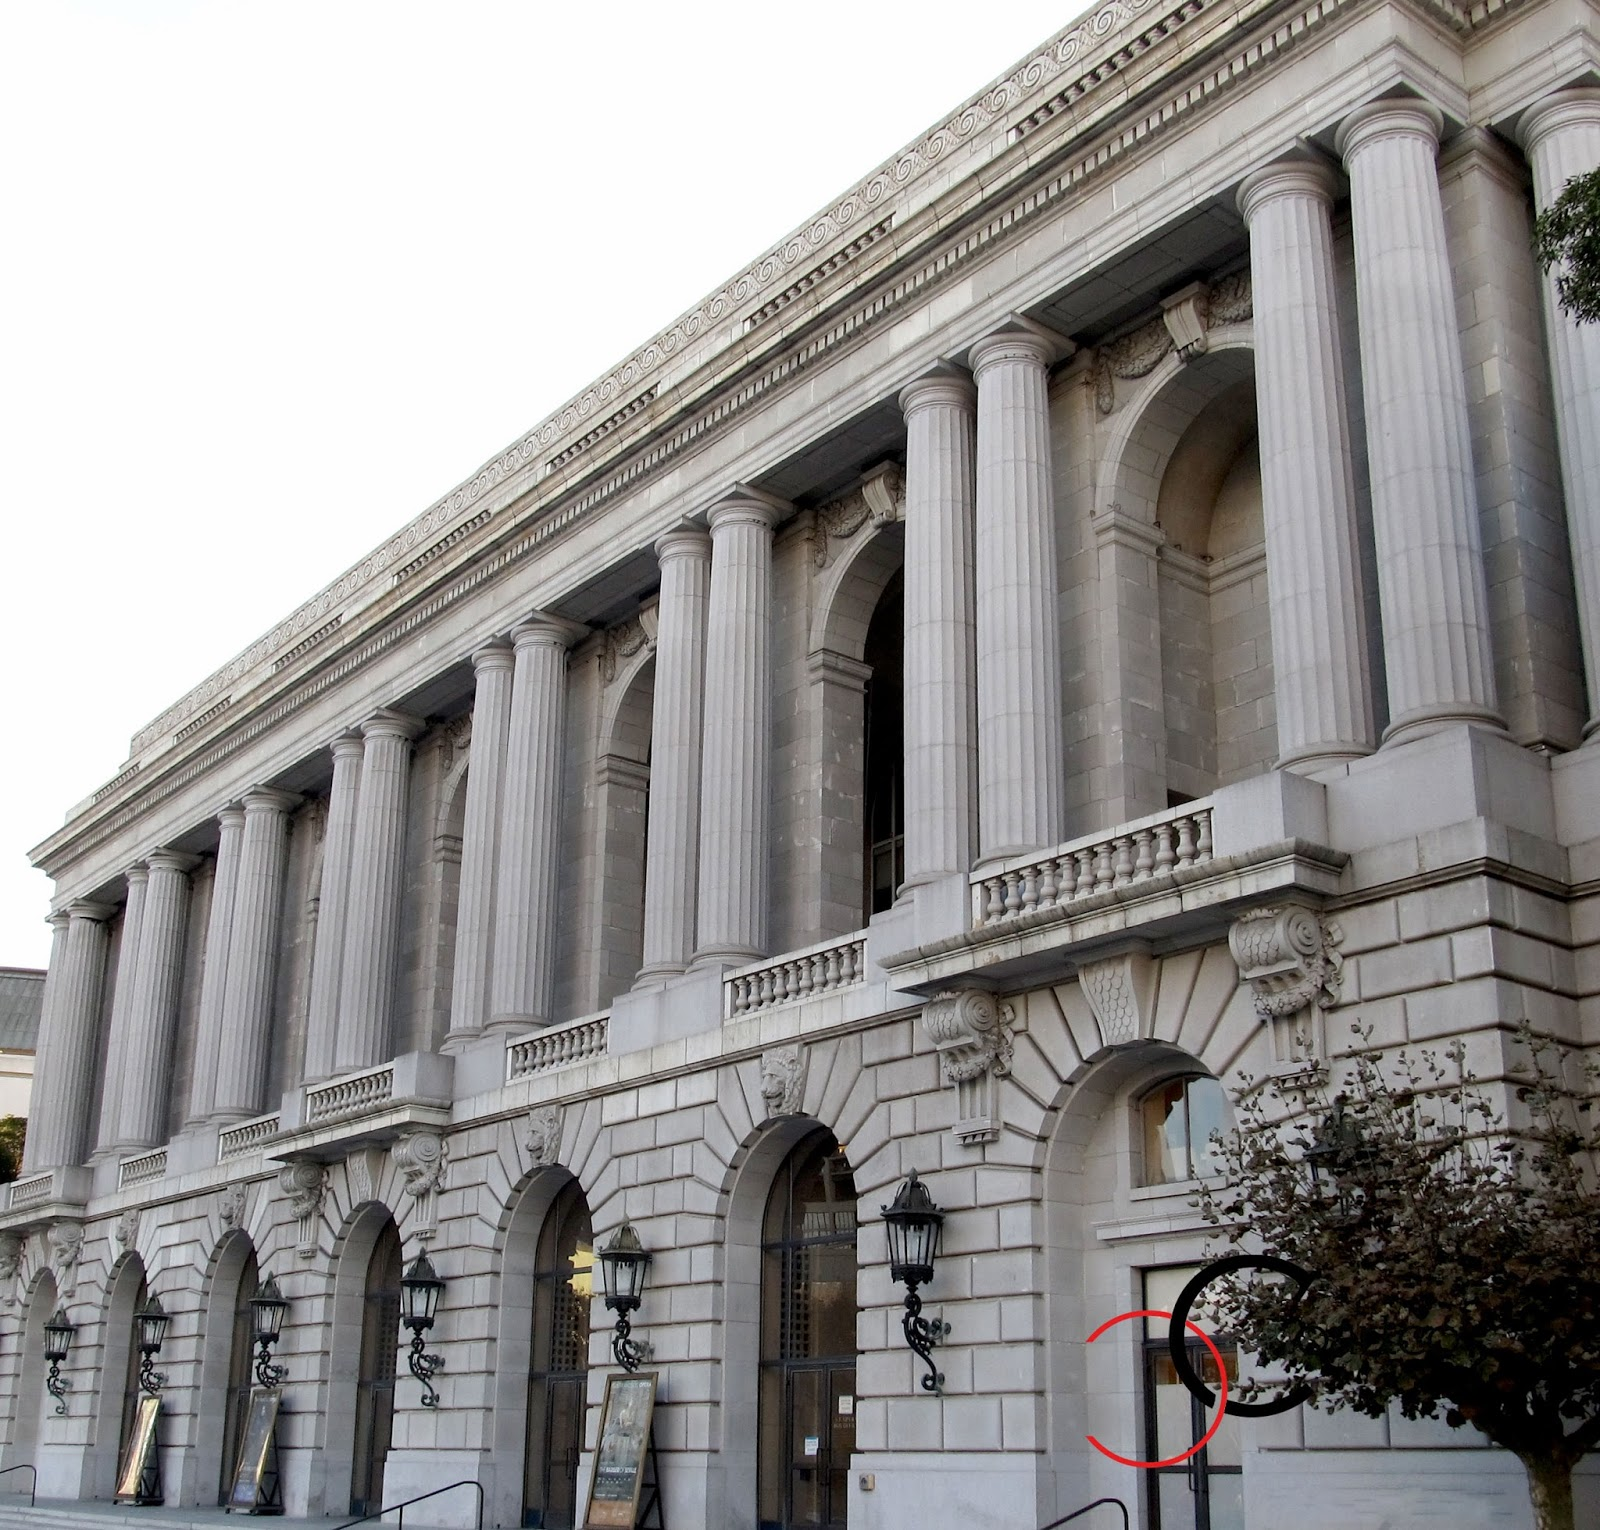 coloane grecesti, Coloane polistiren dorice, pret coloane decorative polistiren, coloane grecesti